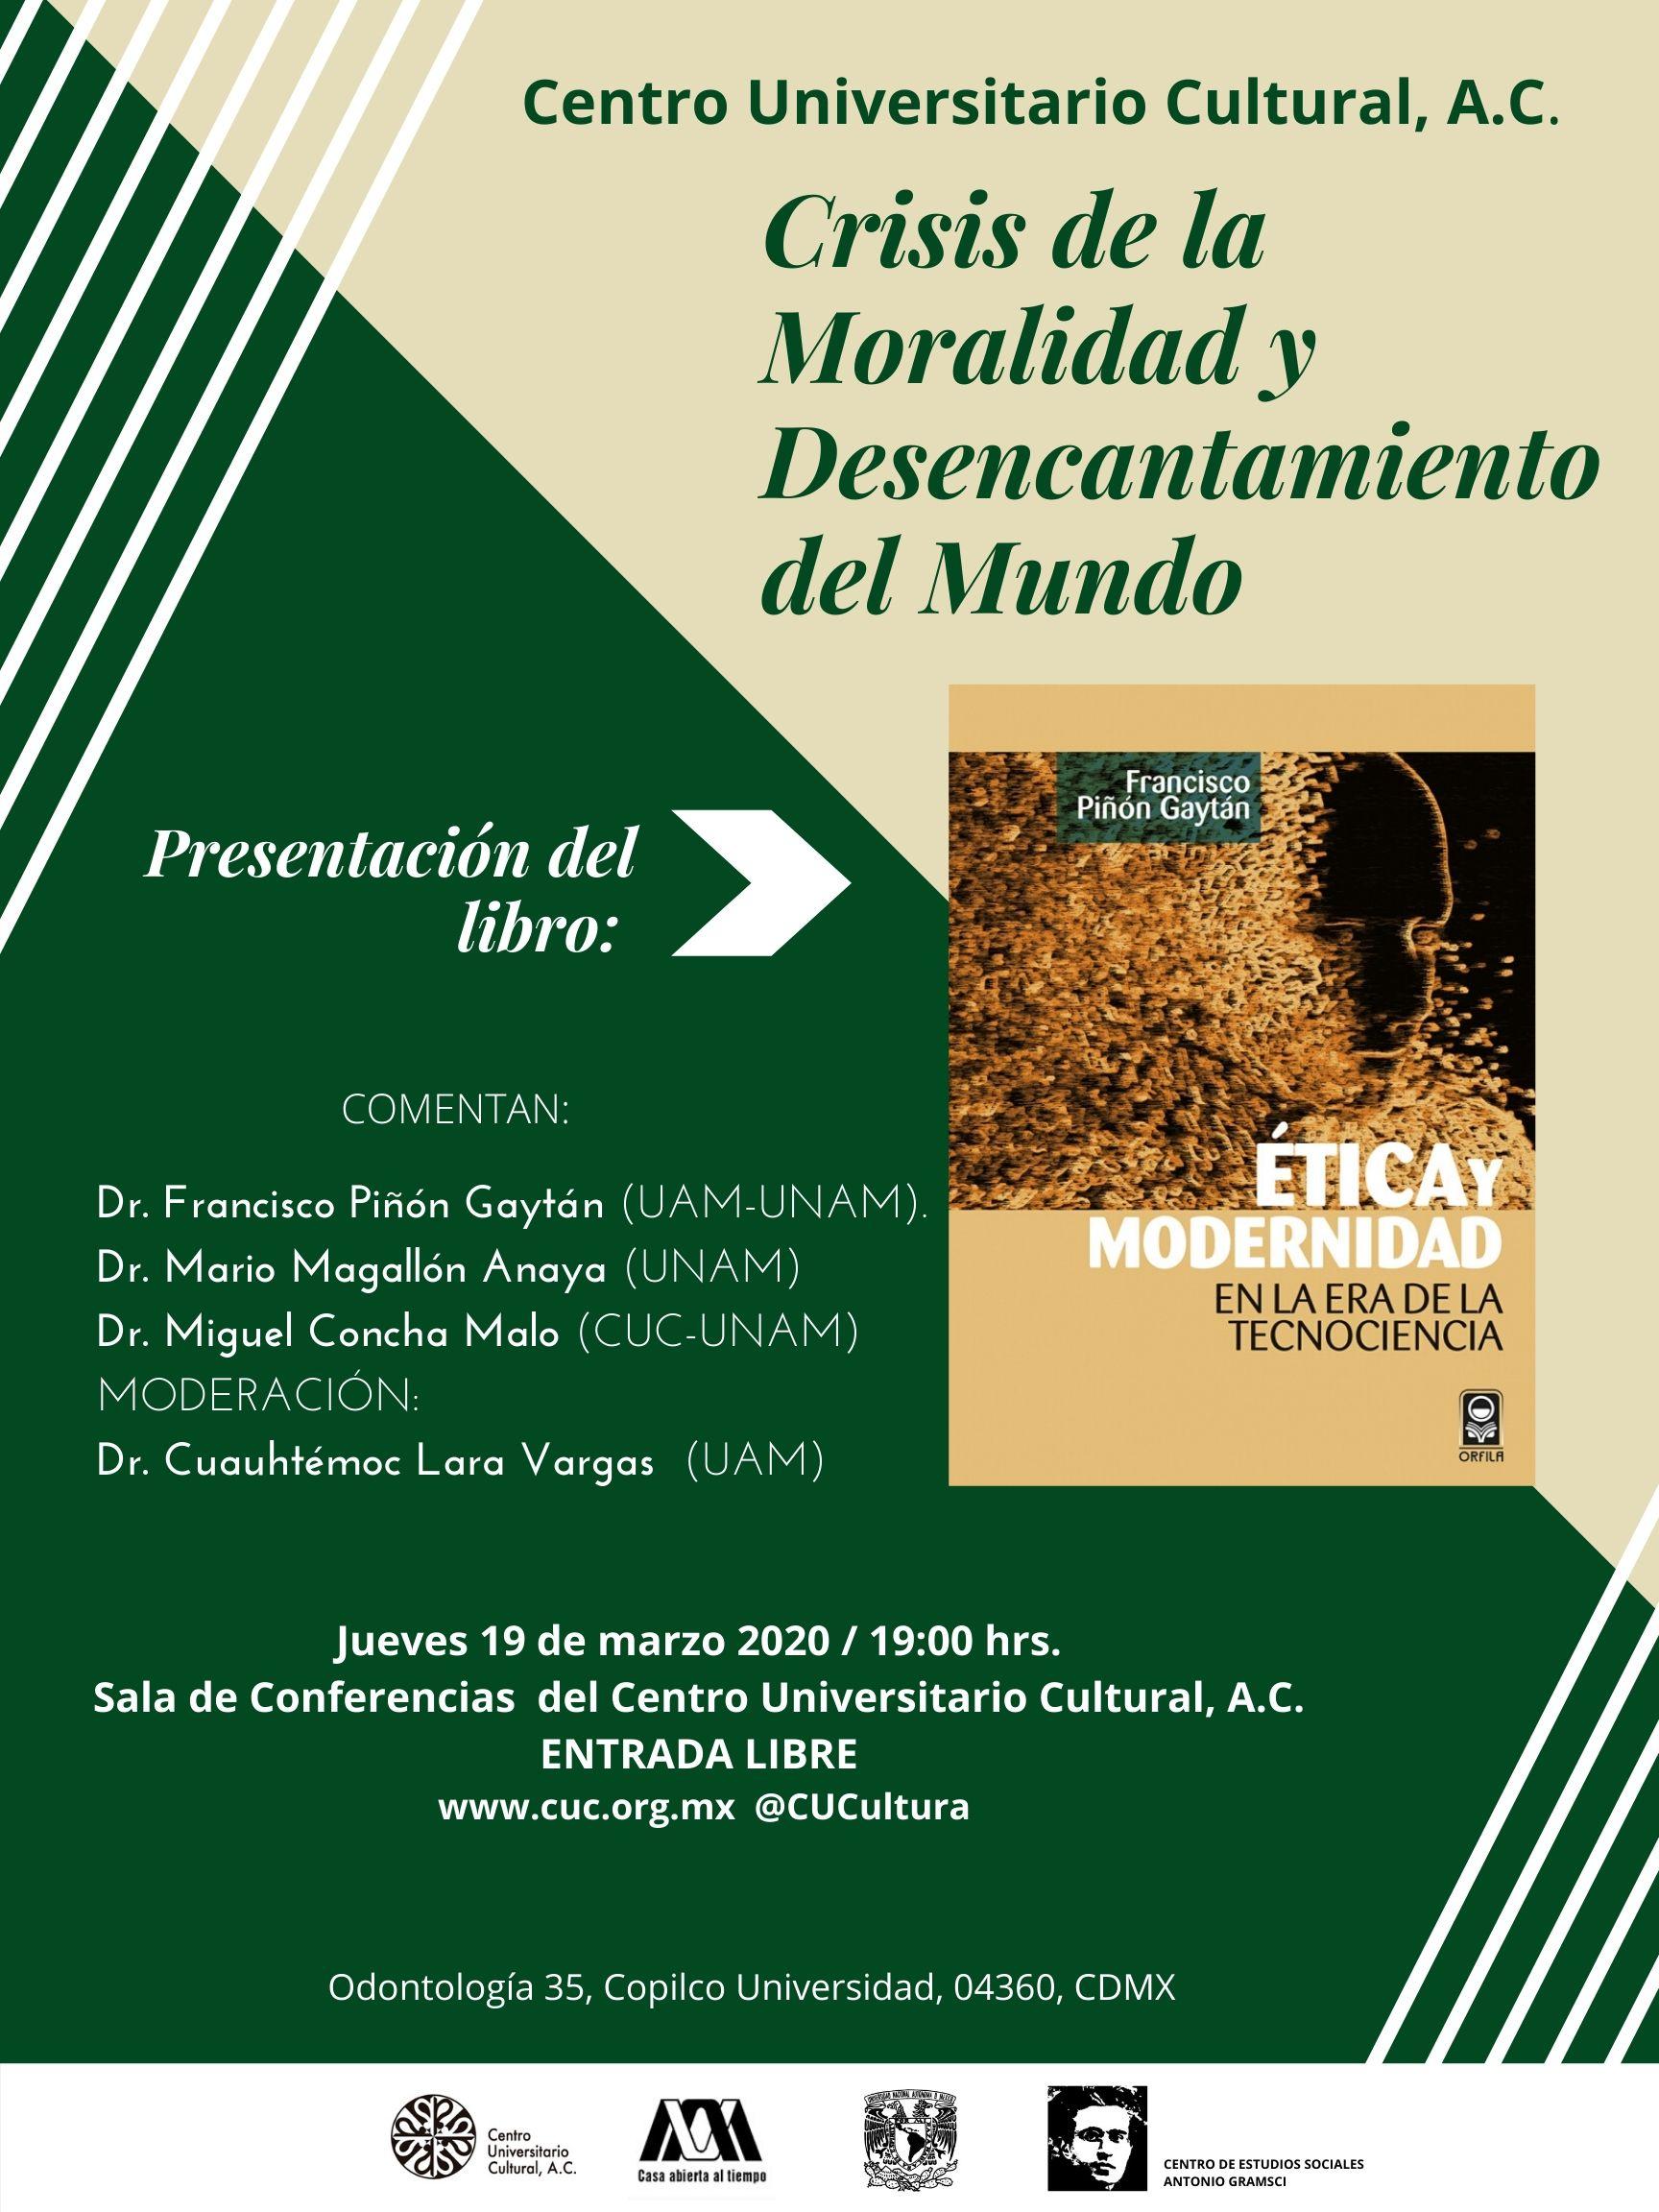 Presentación del libro Ética y Modernidad final